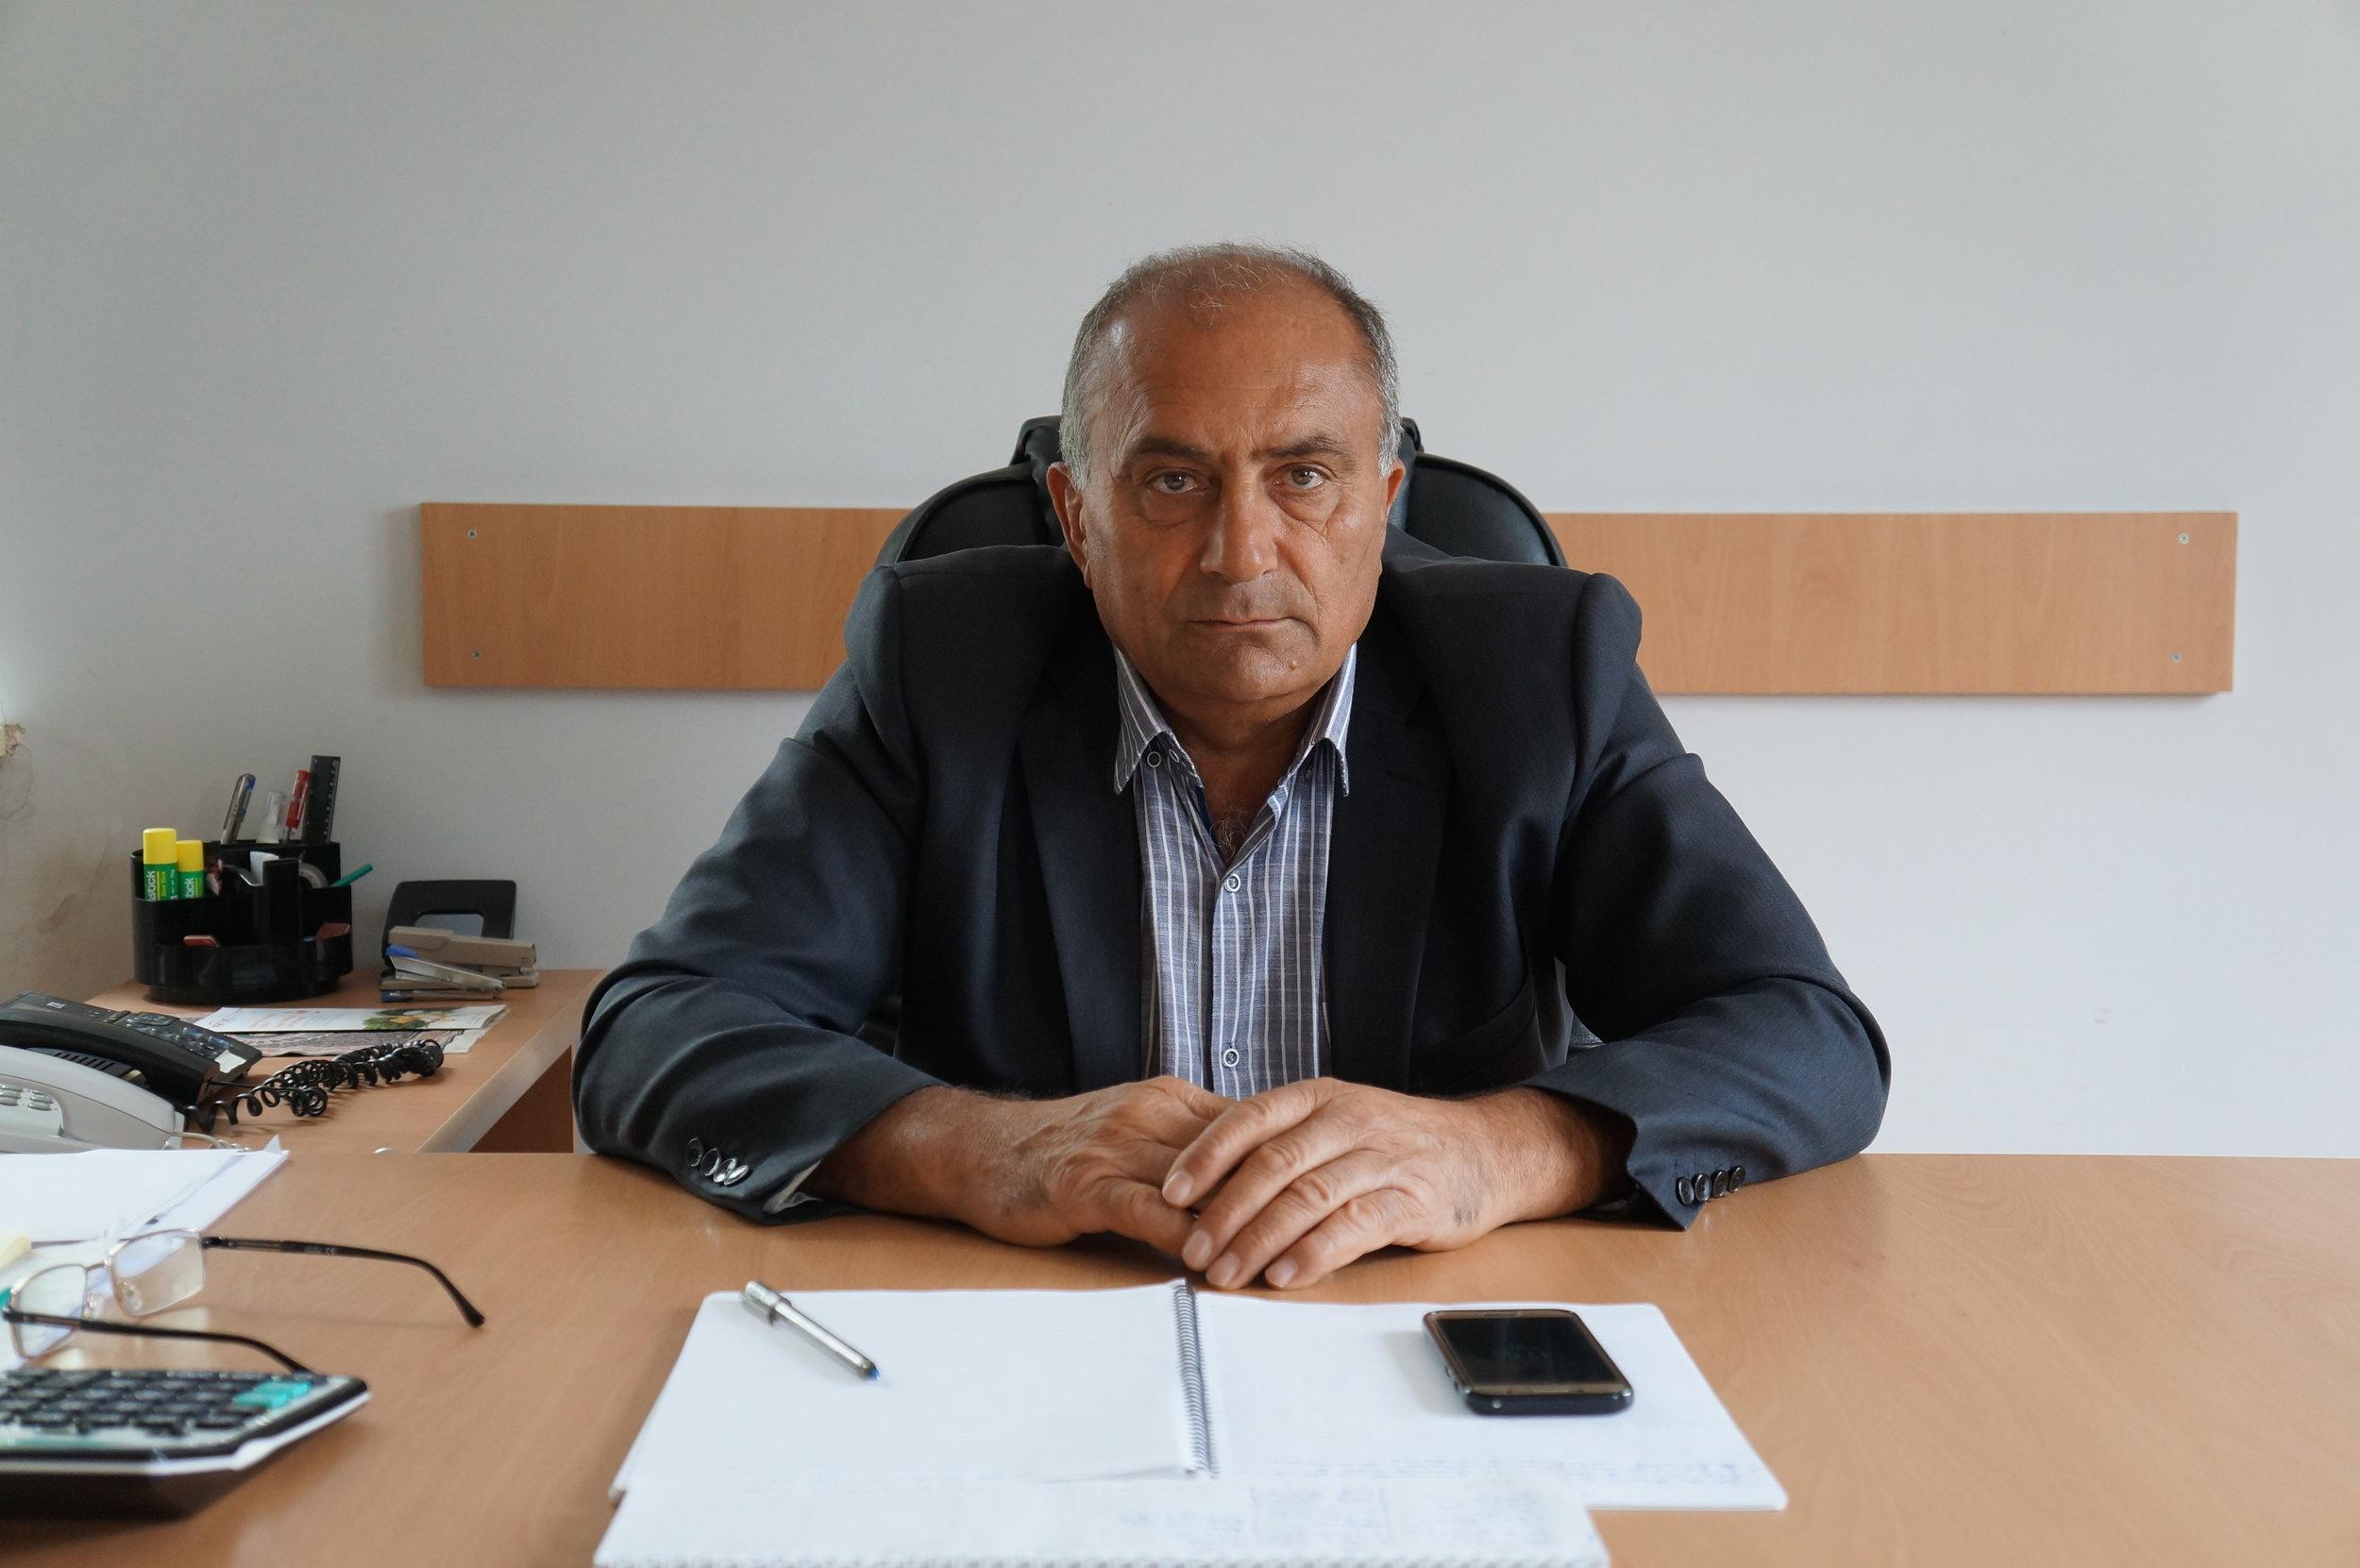 Շիրակամուտի ներկայիս գյուղապետ Աշոտ Երանոսյանը: